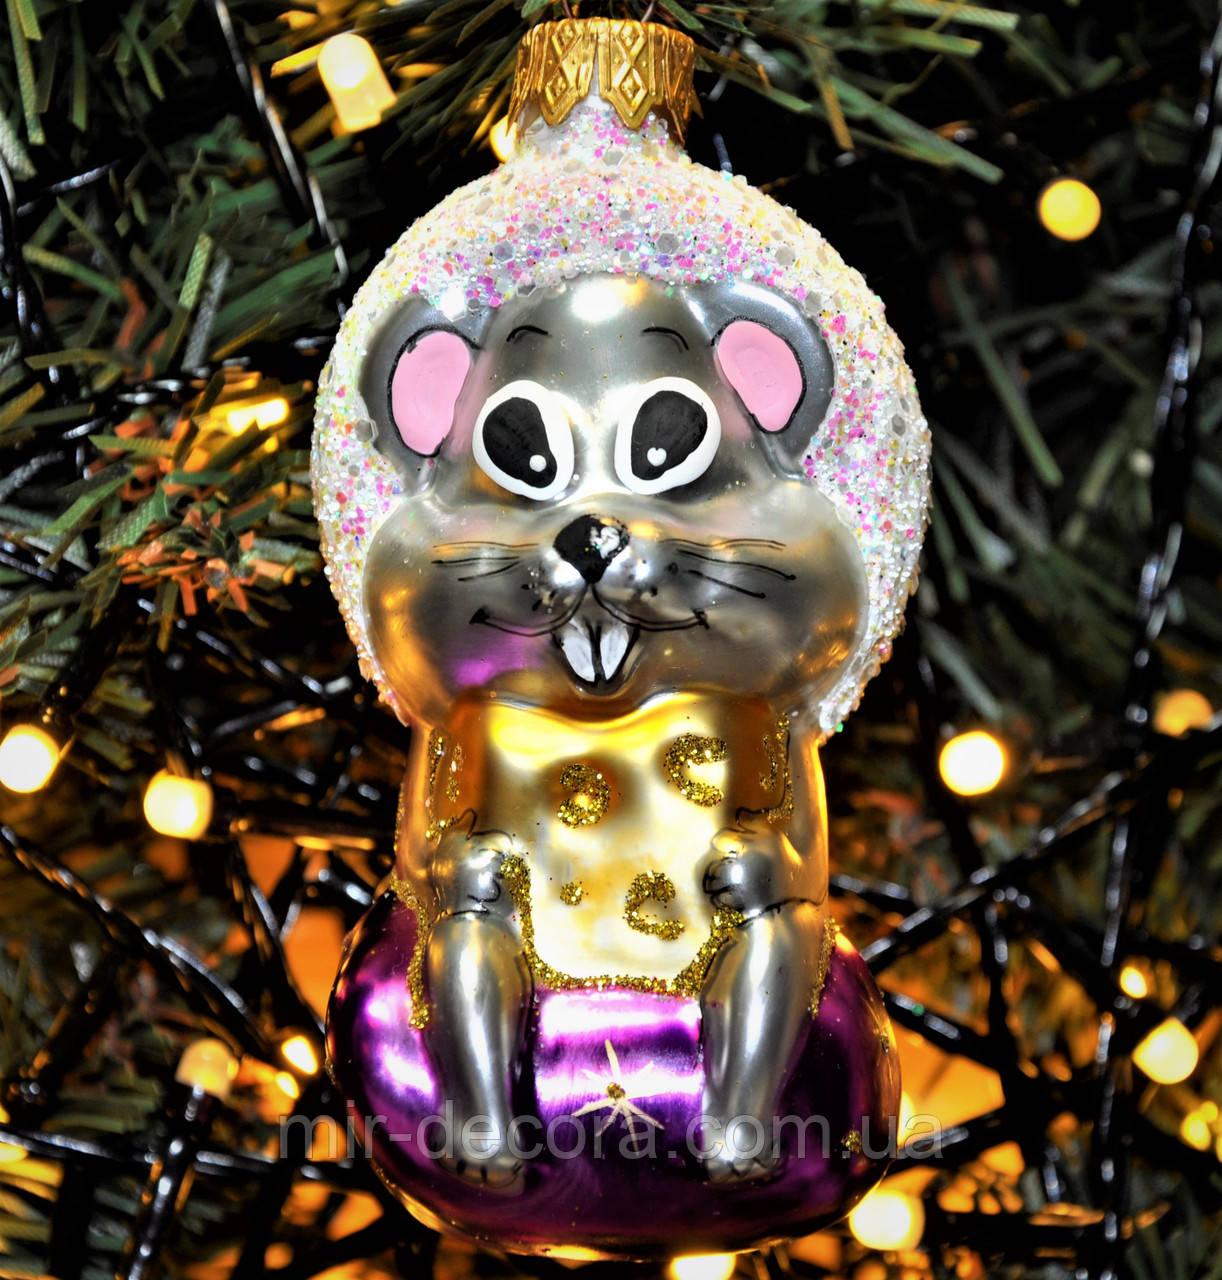 """Игрушка новогодняя стеклянная """"Мышка на подарке"""". Размер 10 см."""